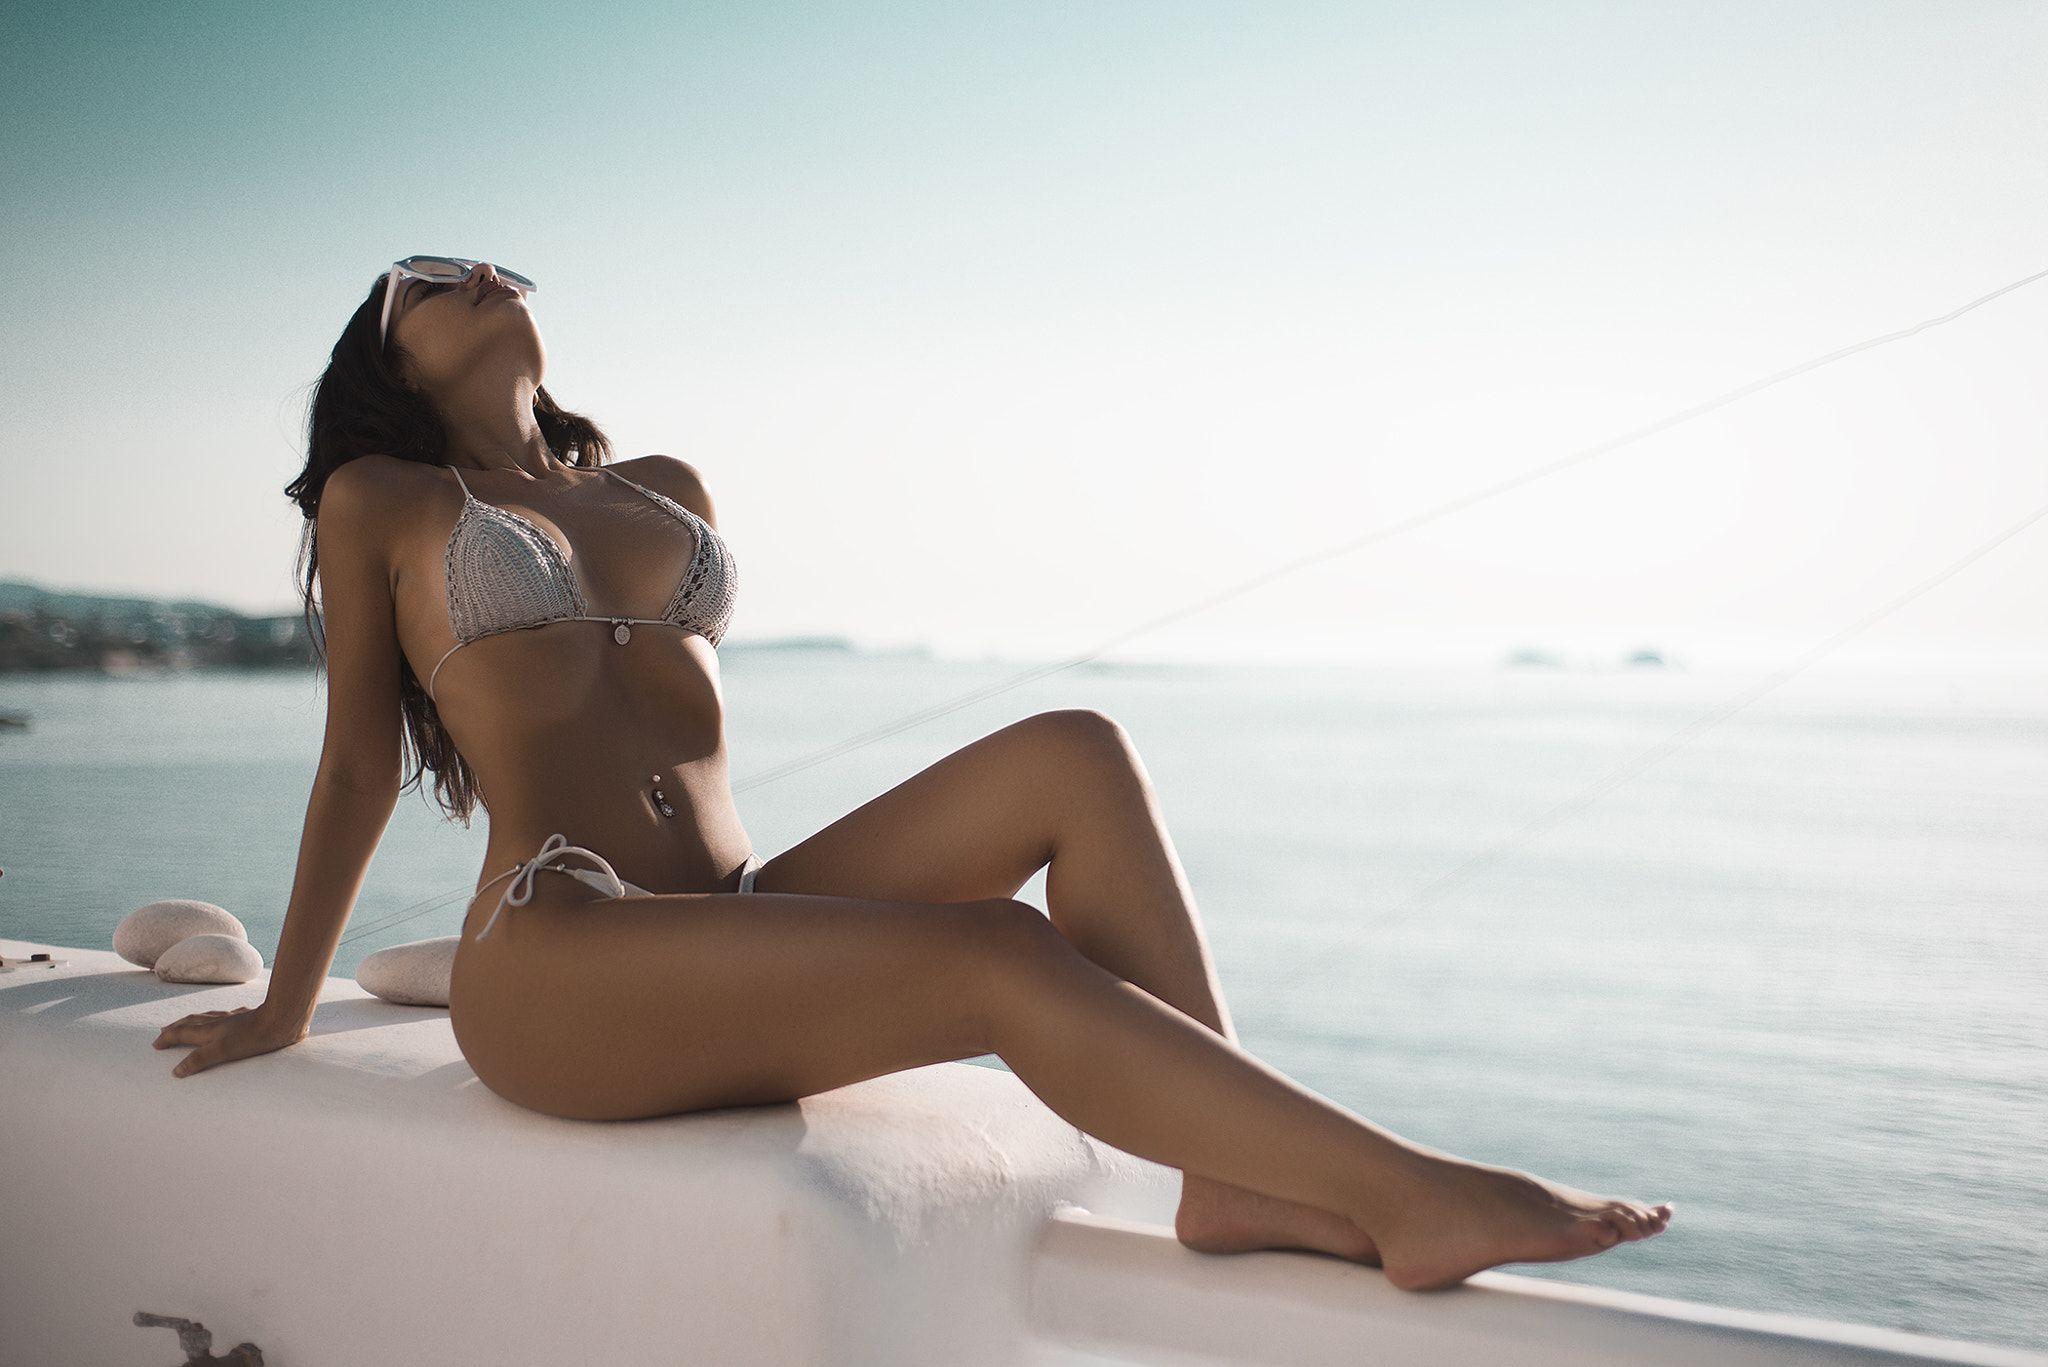 hot girl in swim wear